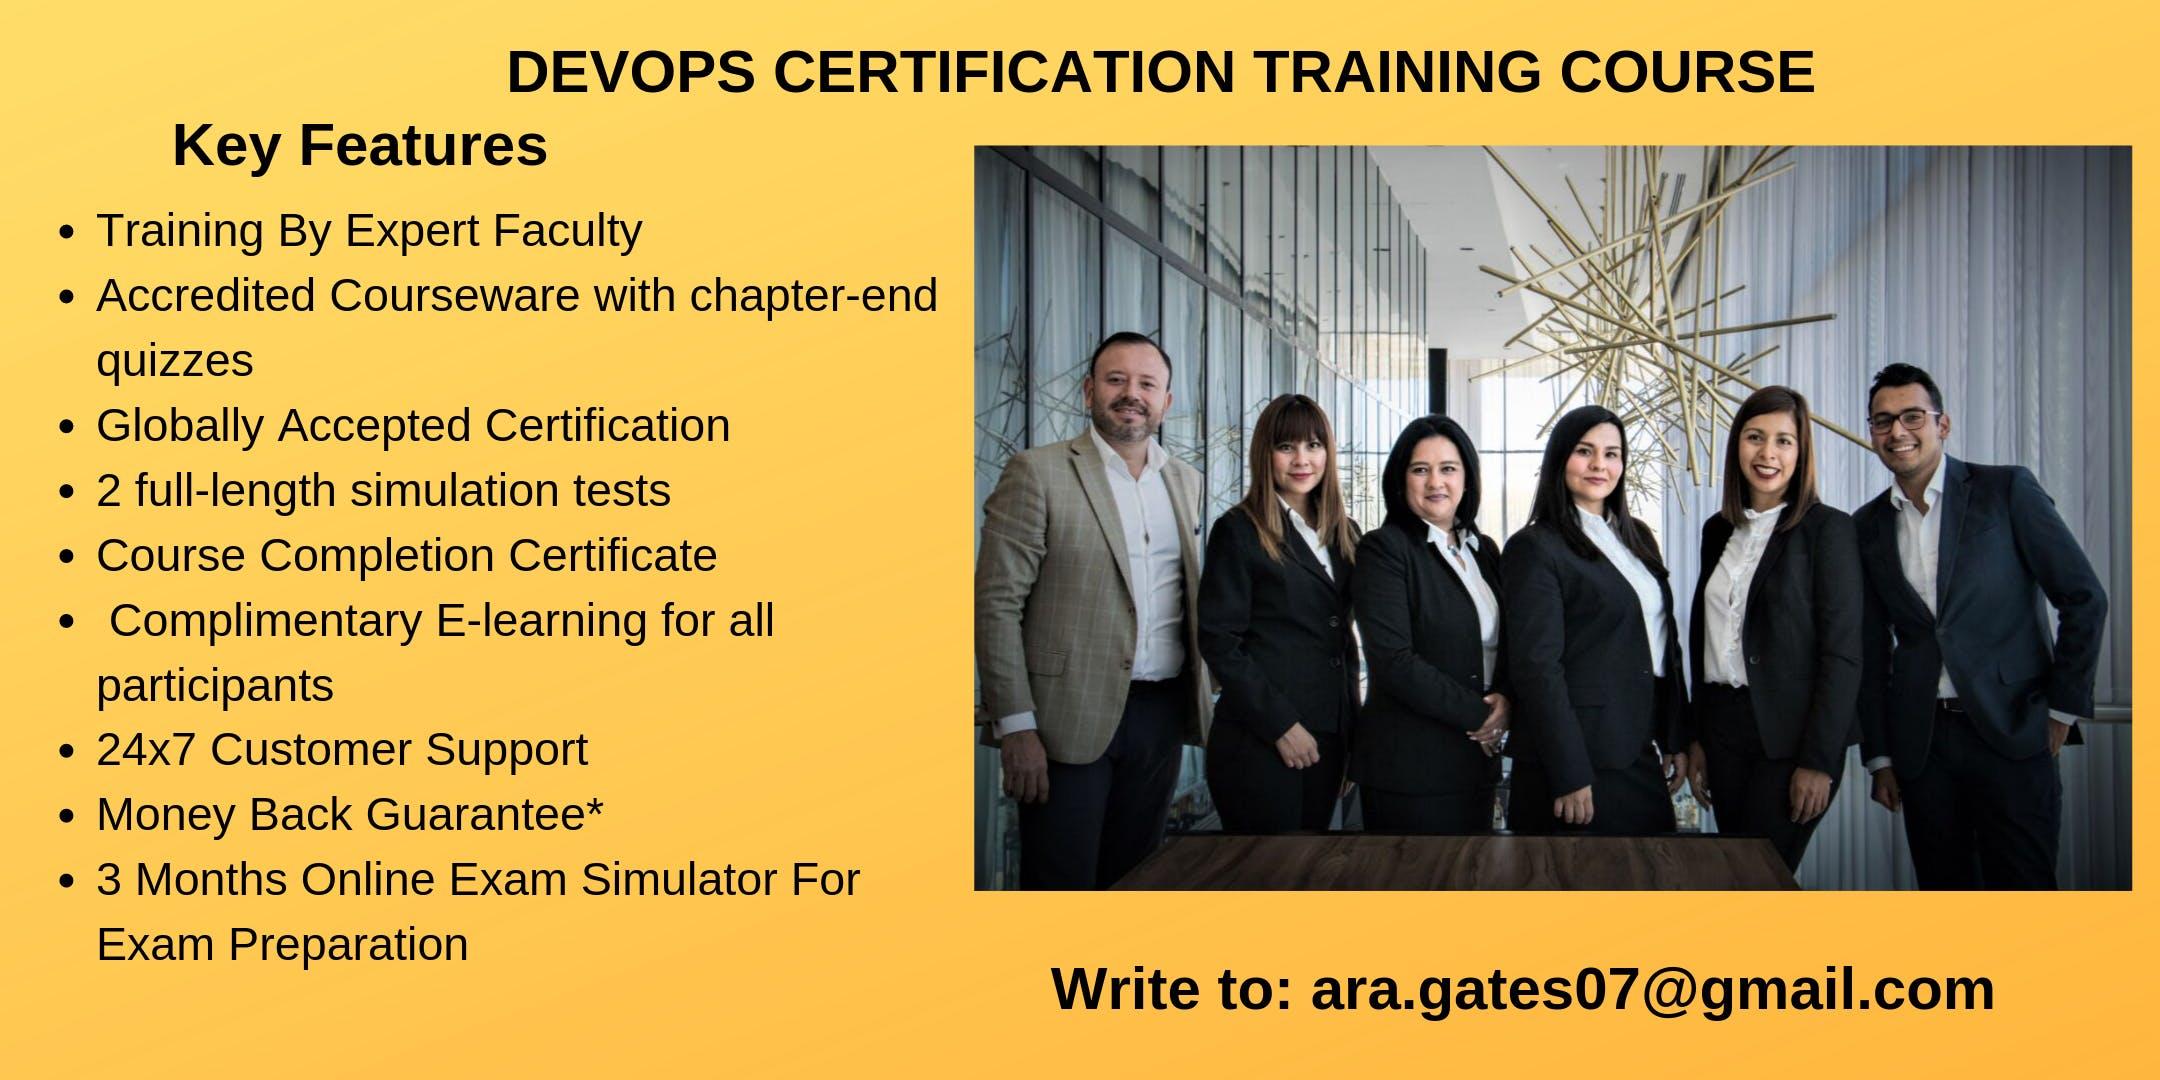 DevOps Certification Course in Boise, ID